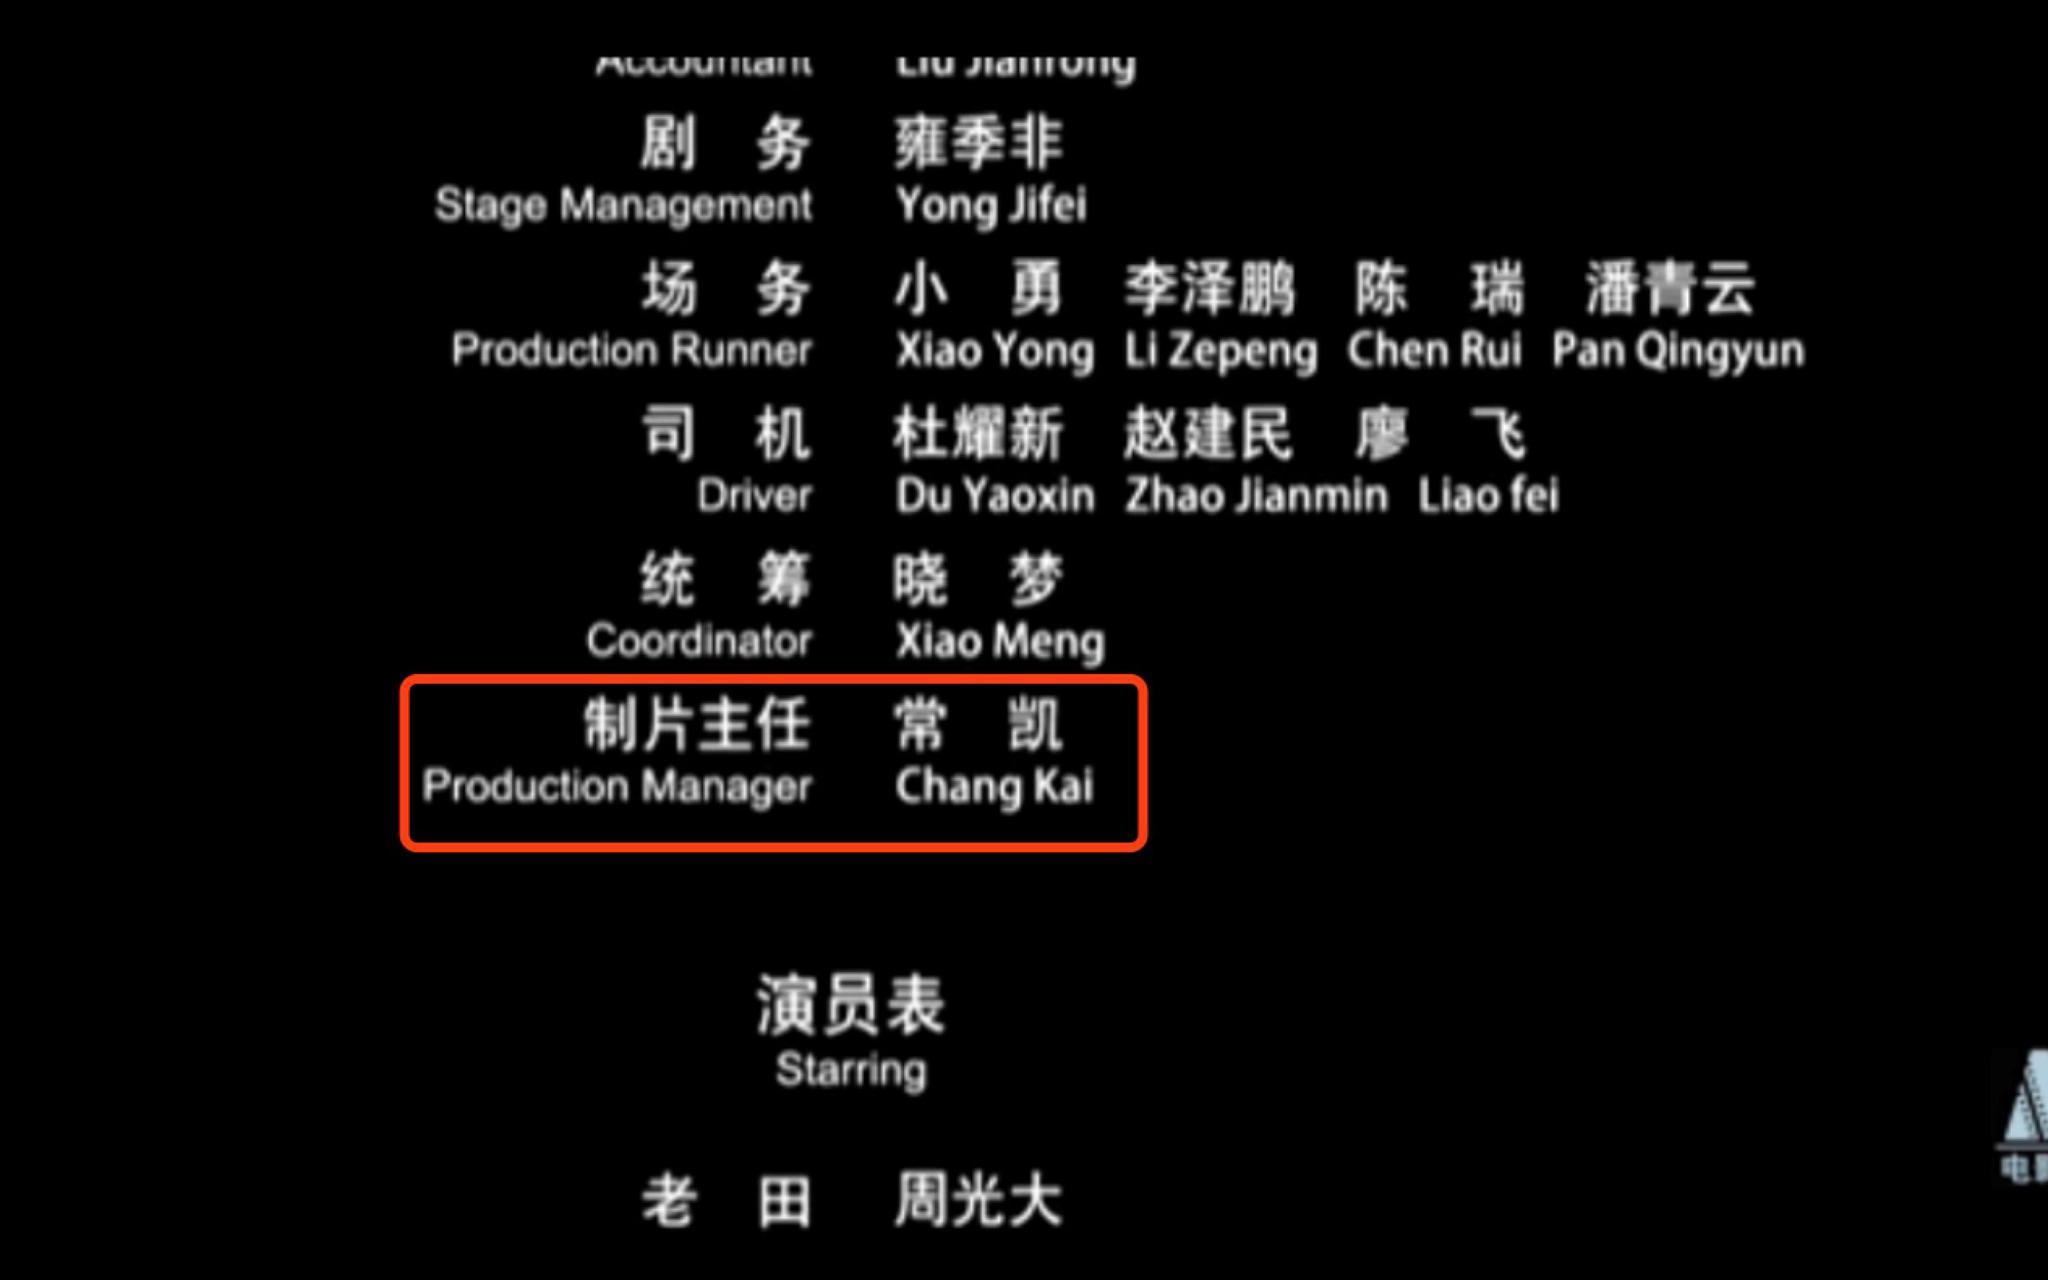 常凯以制片主任身份,参与摄制的93分栽剧情片《吾的渡口》,曾获得第十四届平壤国际电影节三项大奖。 电影截图